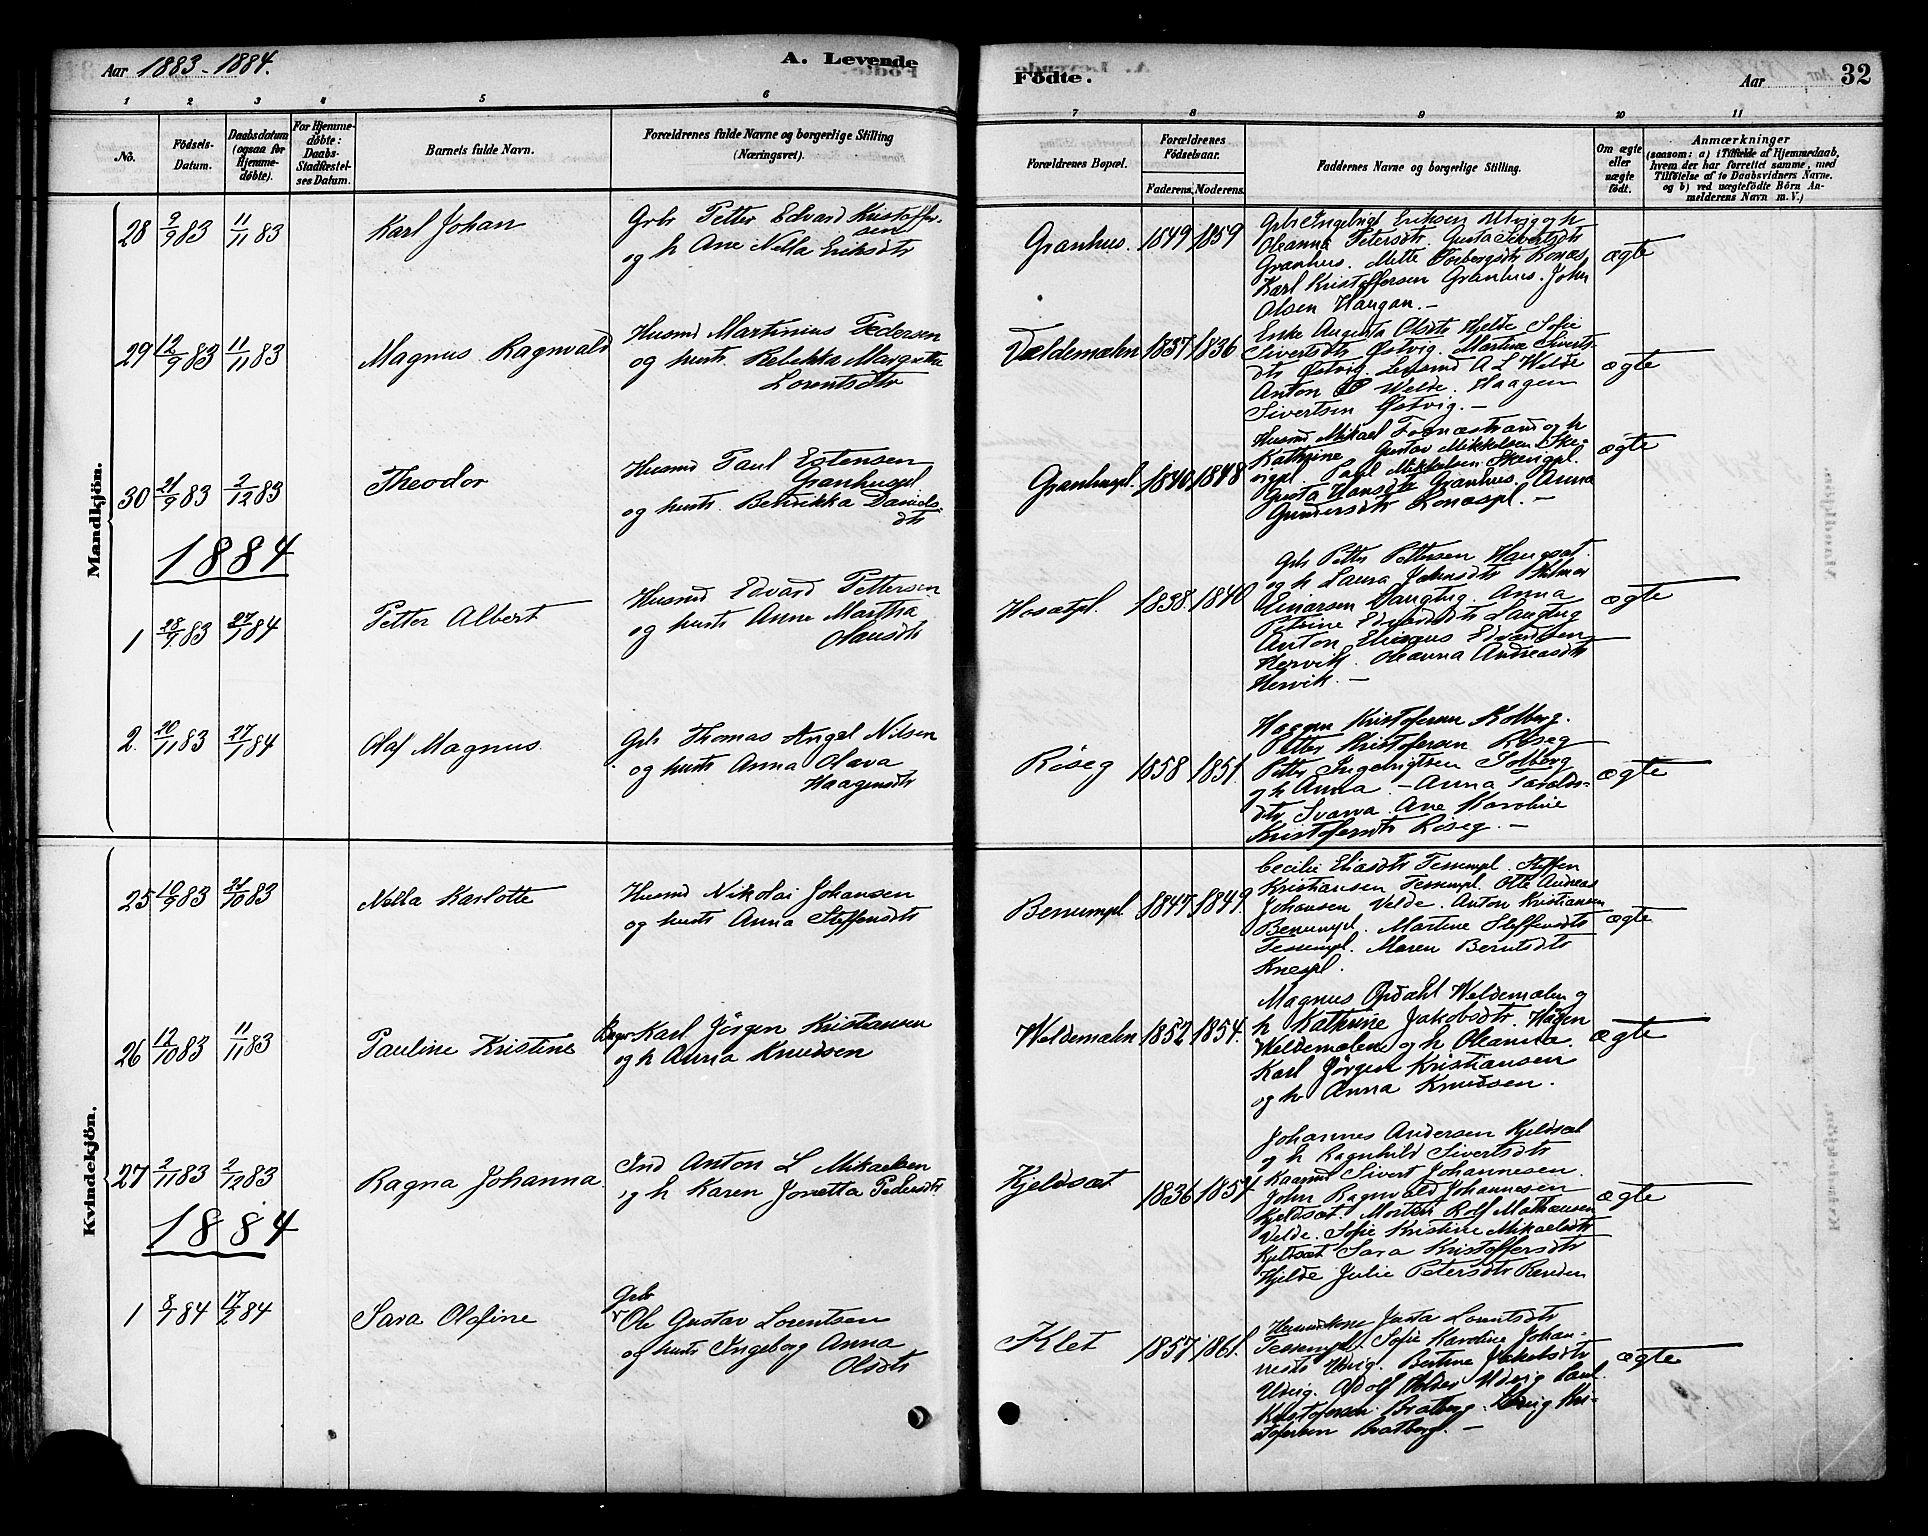 SAT, Ministerialprotokoller, klokkerbøker og fødselsregistre - Nord-Trøndelag, 741/L0395: Ministerialbok nr. 741A09, 1878-1888, s. 32